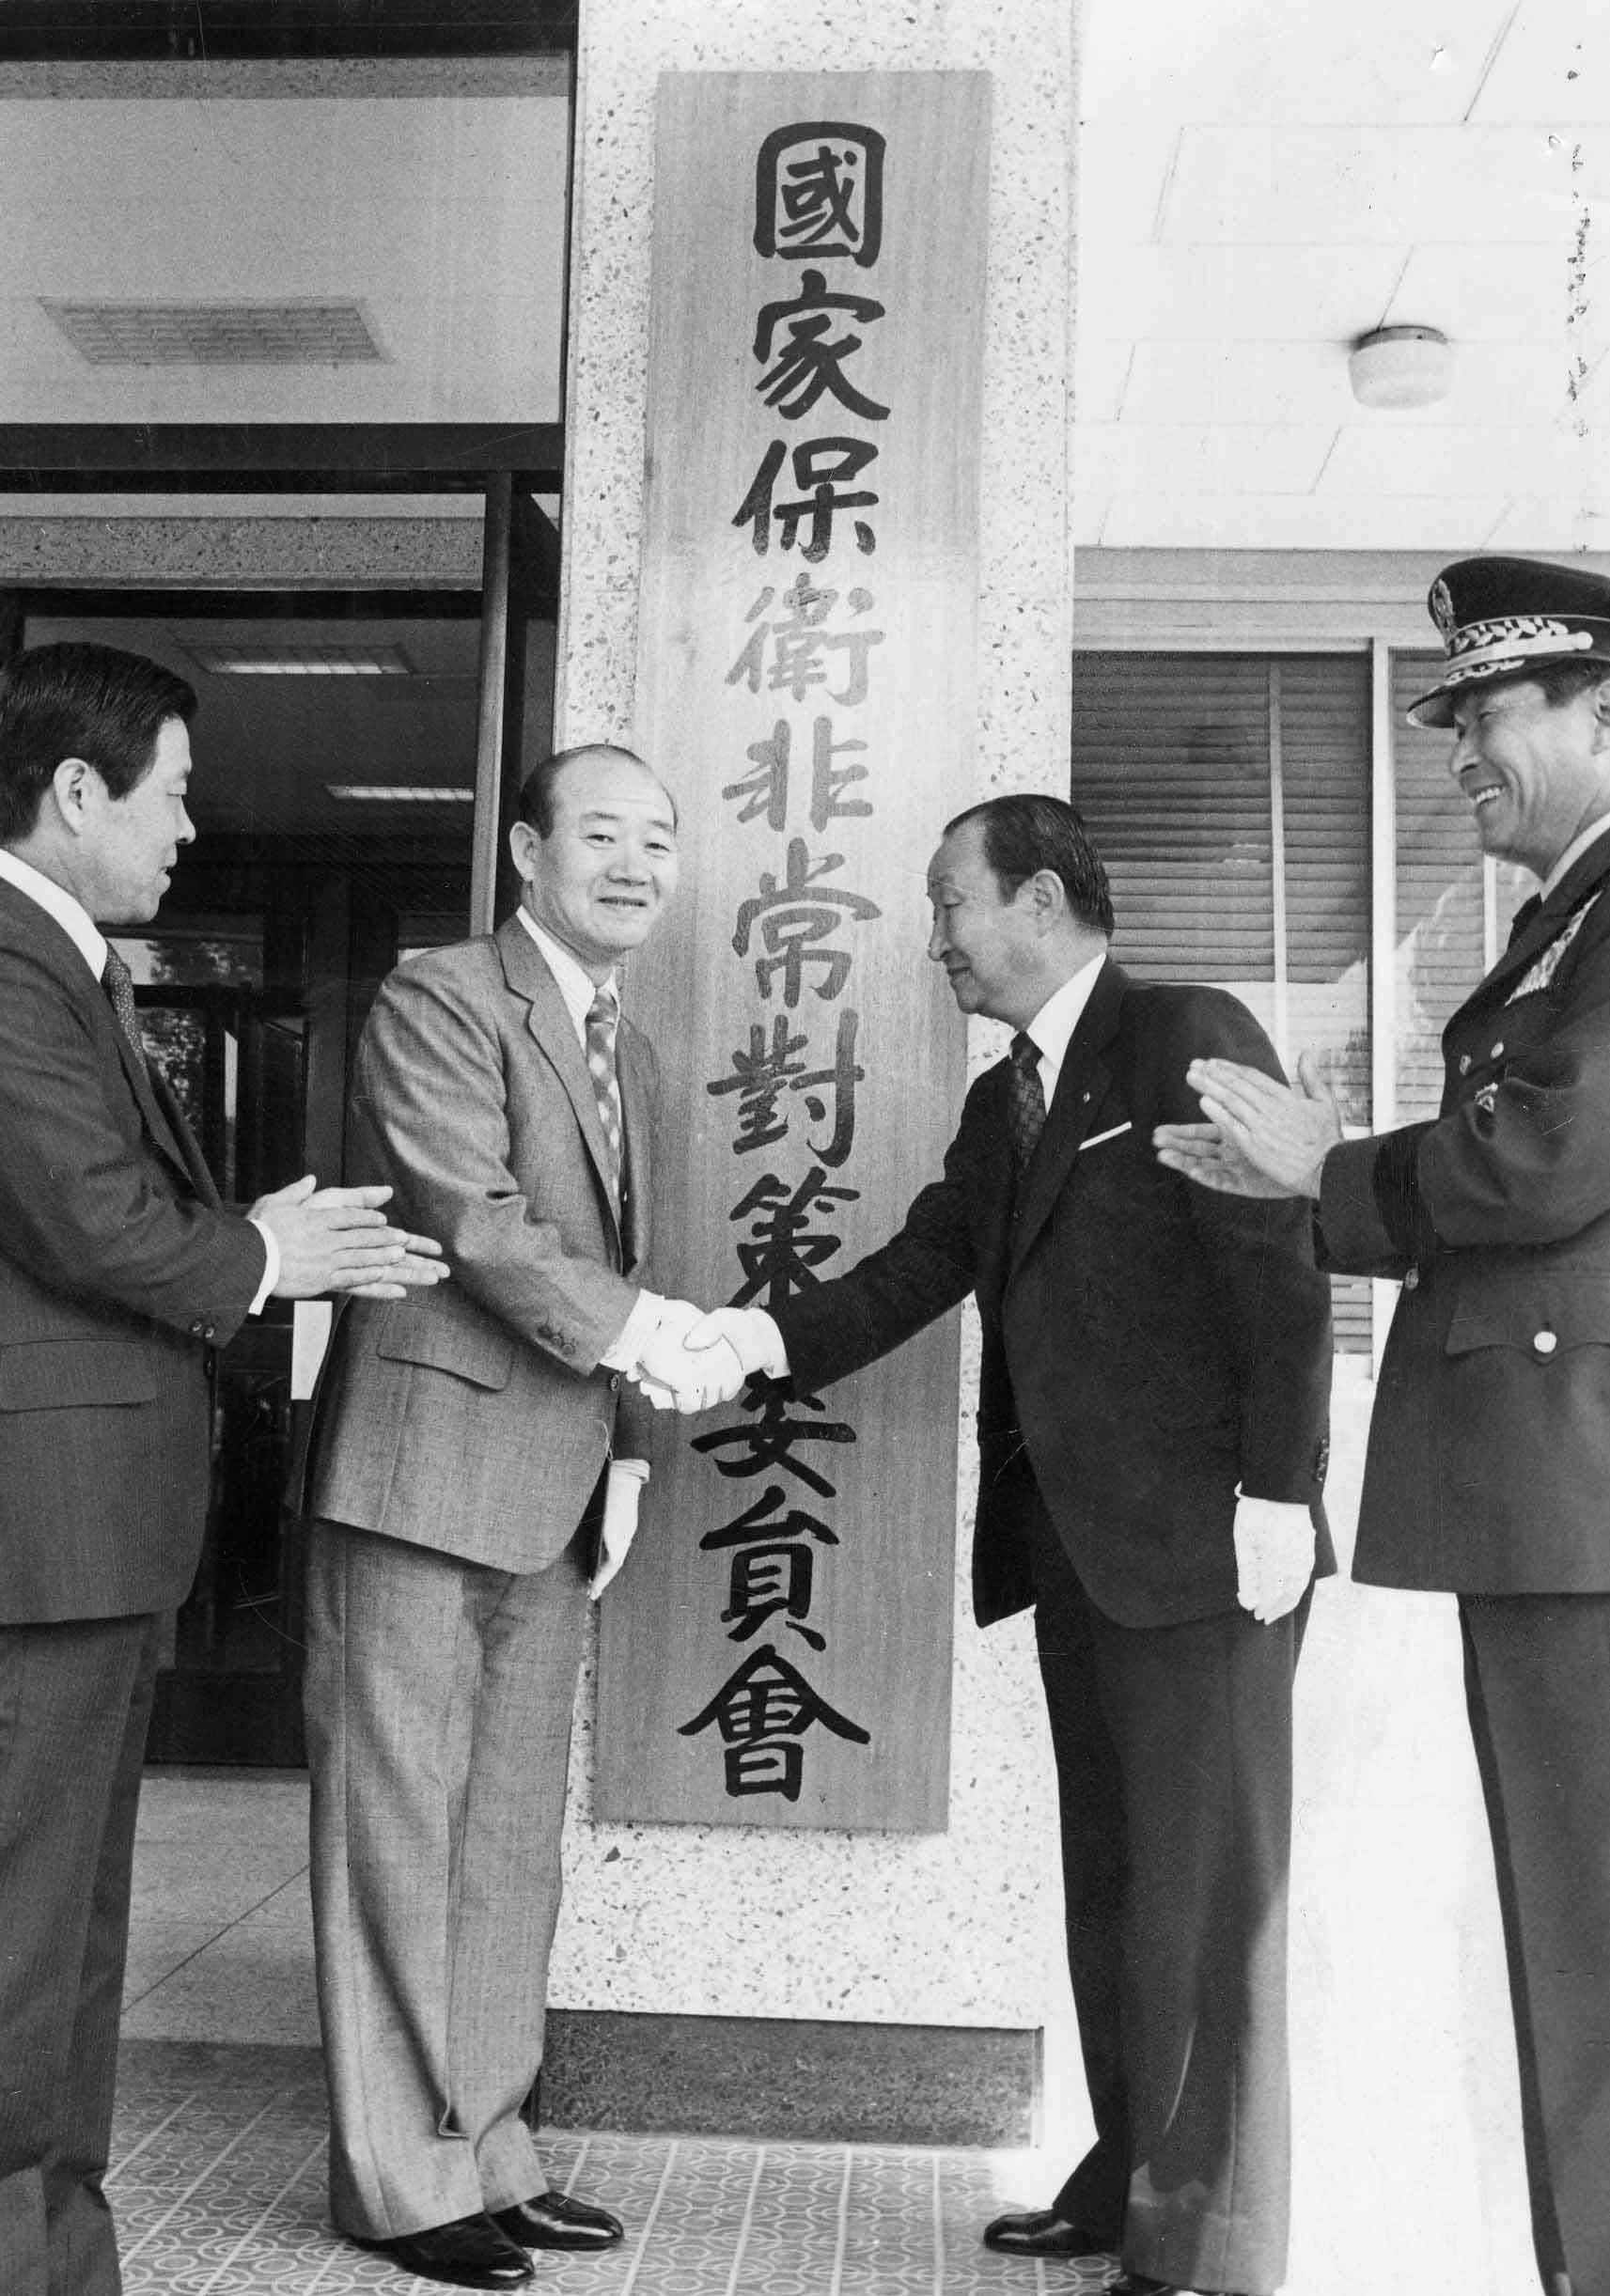 국가보위비상대책위원회(국보위) 발족 (최규하 의장, 전두환 상임위원장)